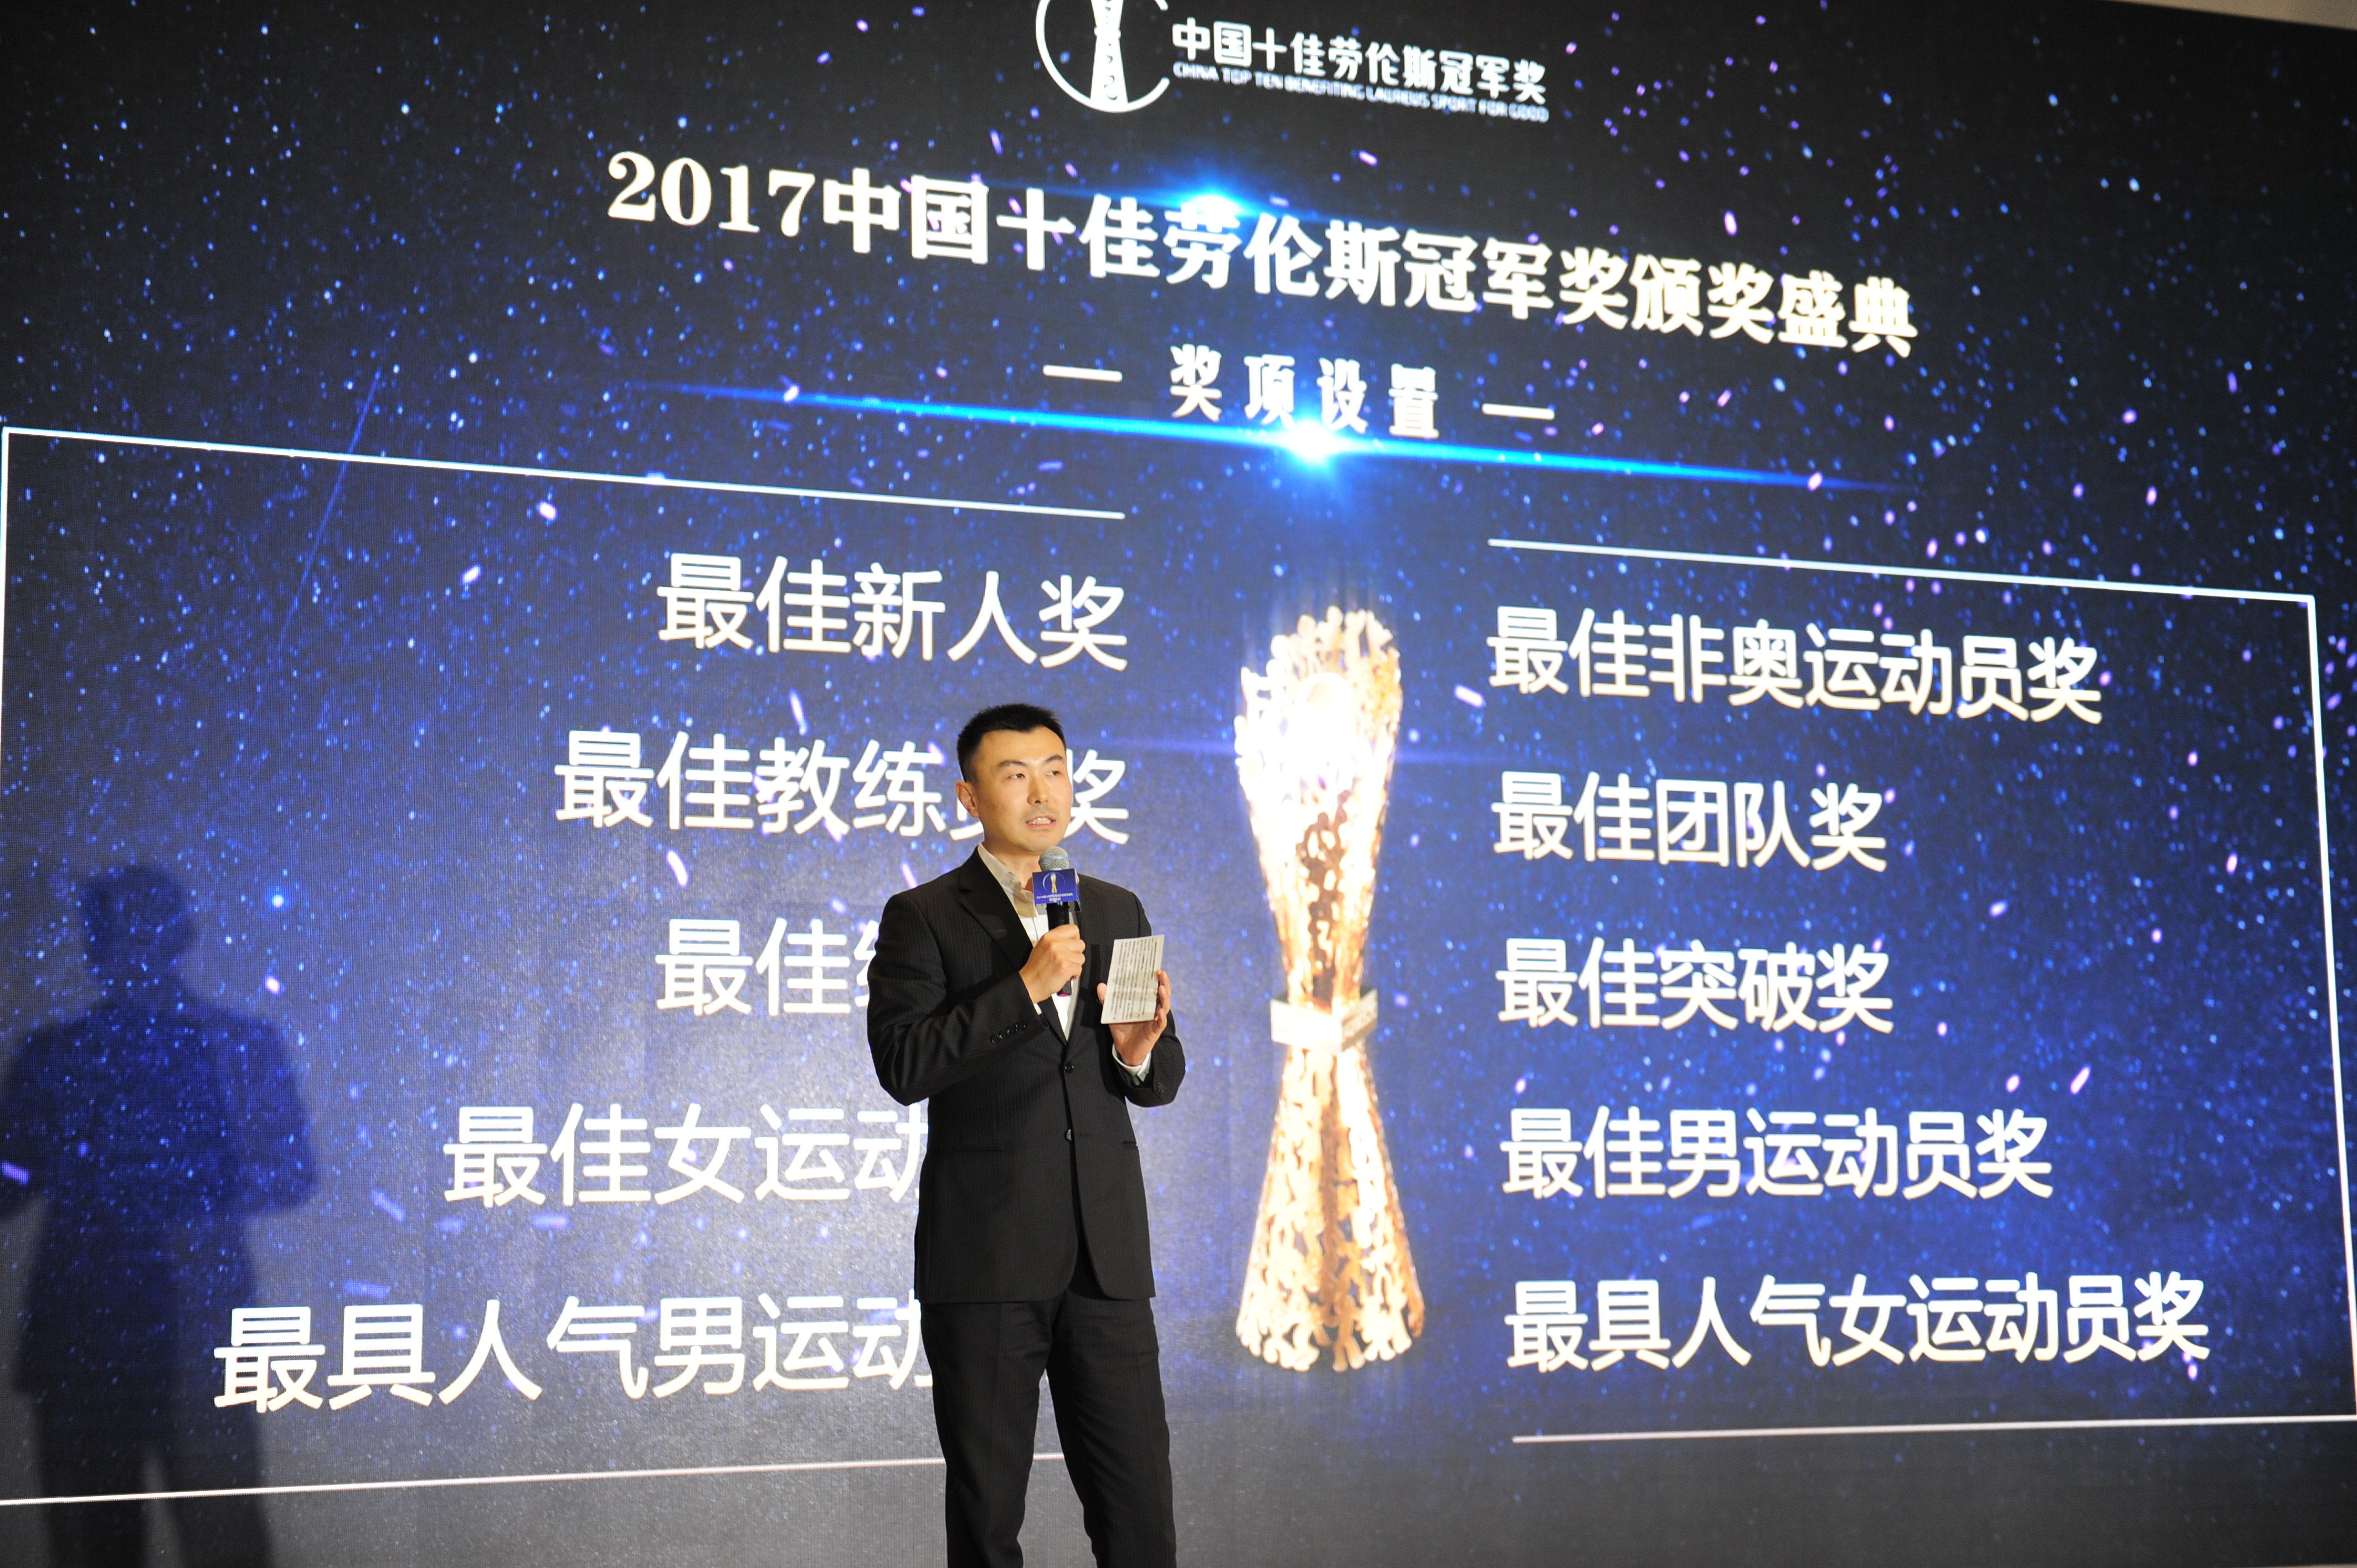 2017劳伦斯冠军候选人公布:孙杨朱婷领衔 周琦入围